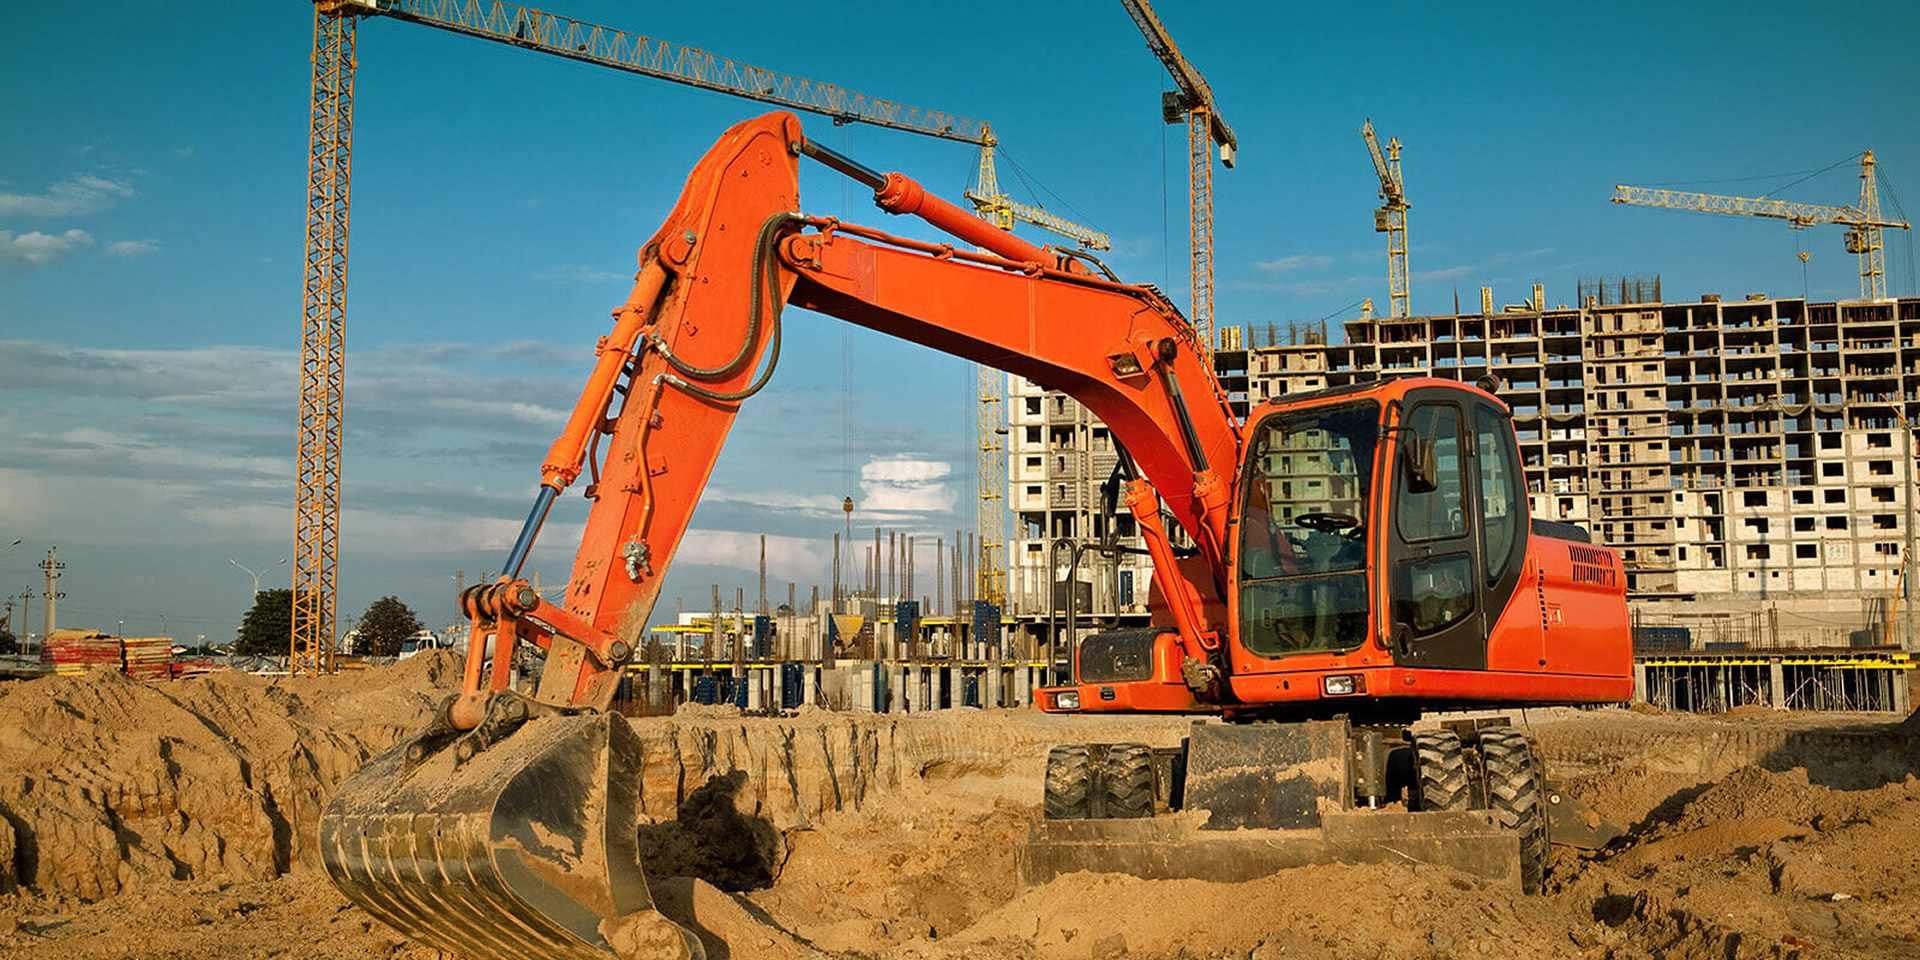 升级挖图推土工程车